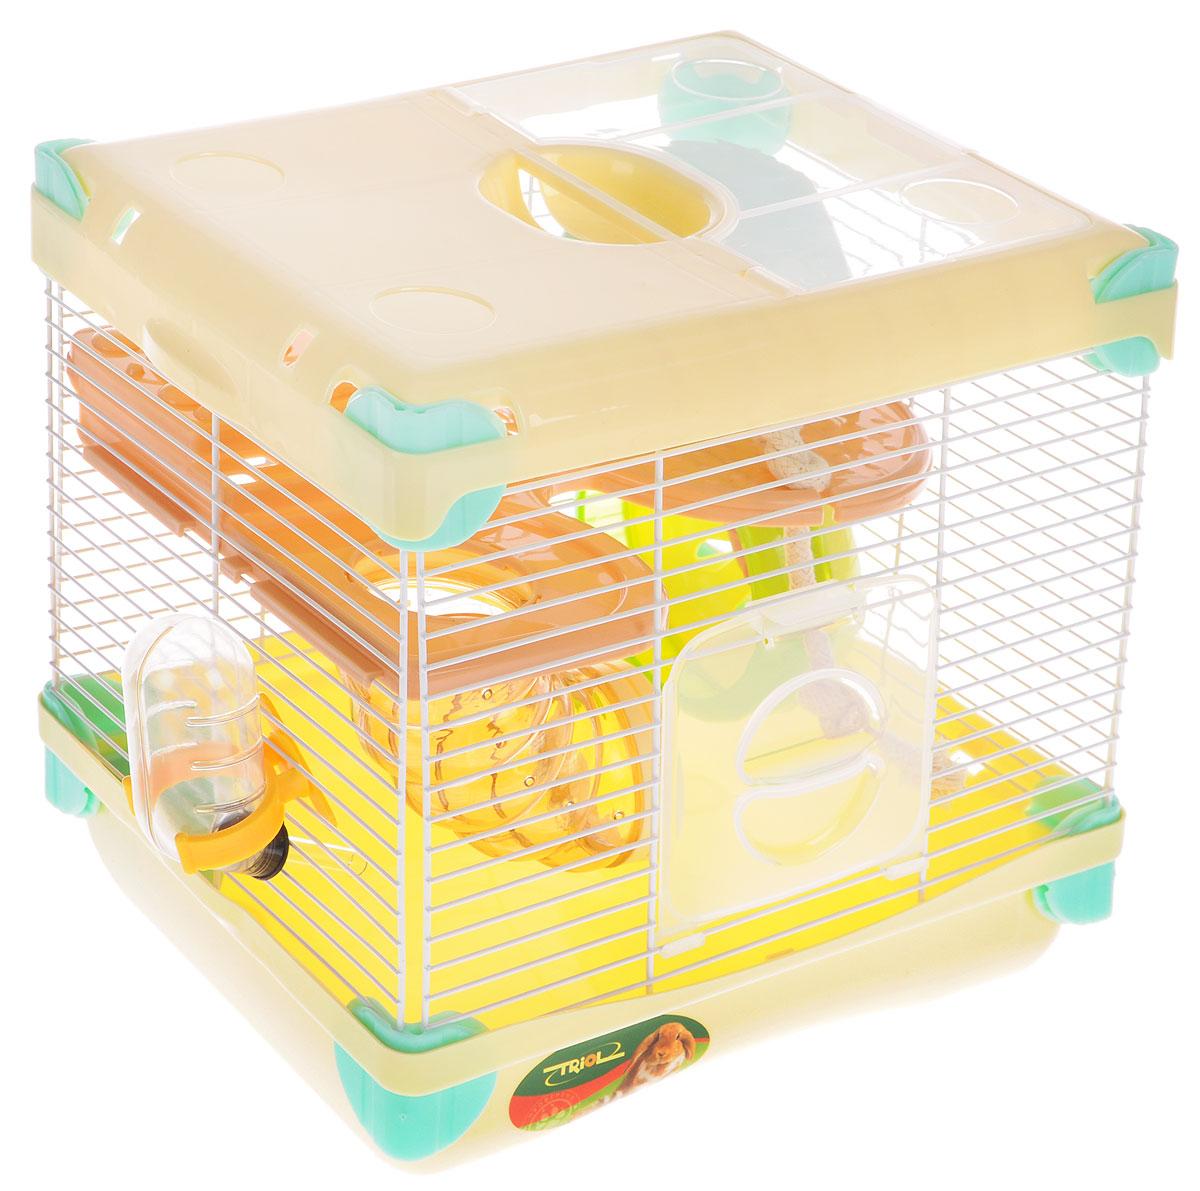 Клетка для грызунов Triol  Парк Приключений , 27,5 x 20,5 x 25 см - Клетки, вольеры, будки